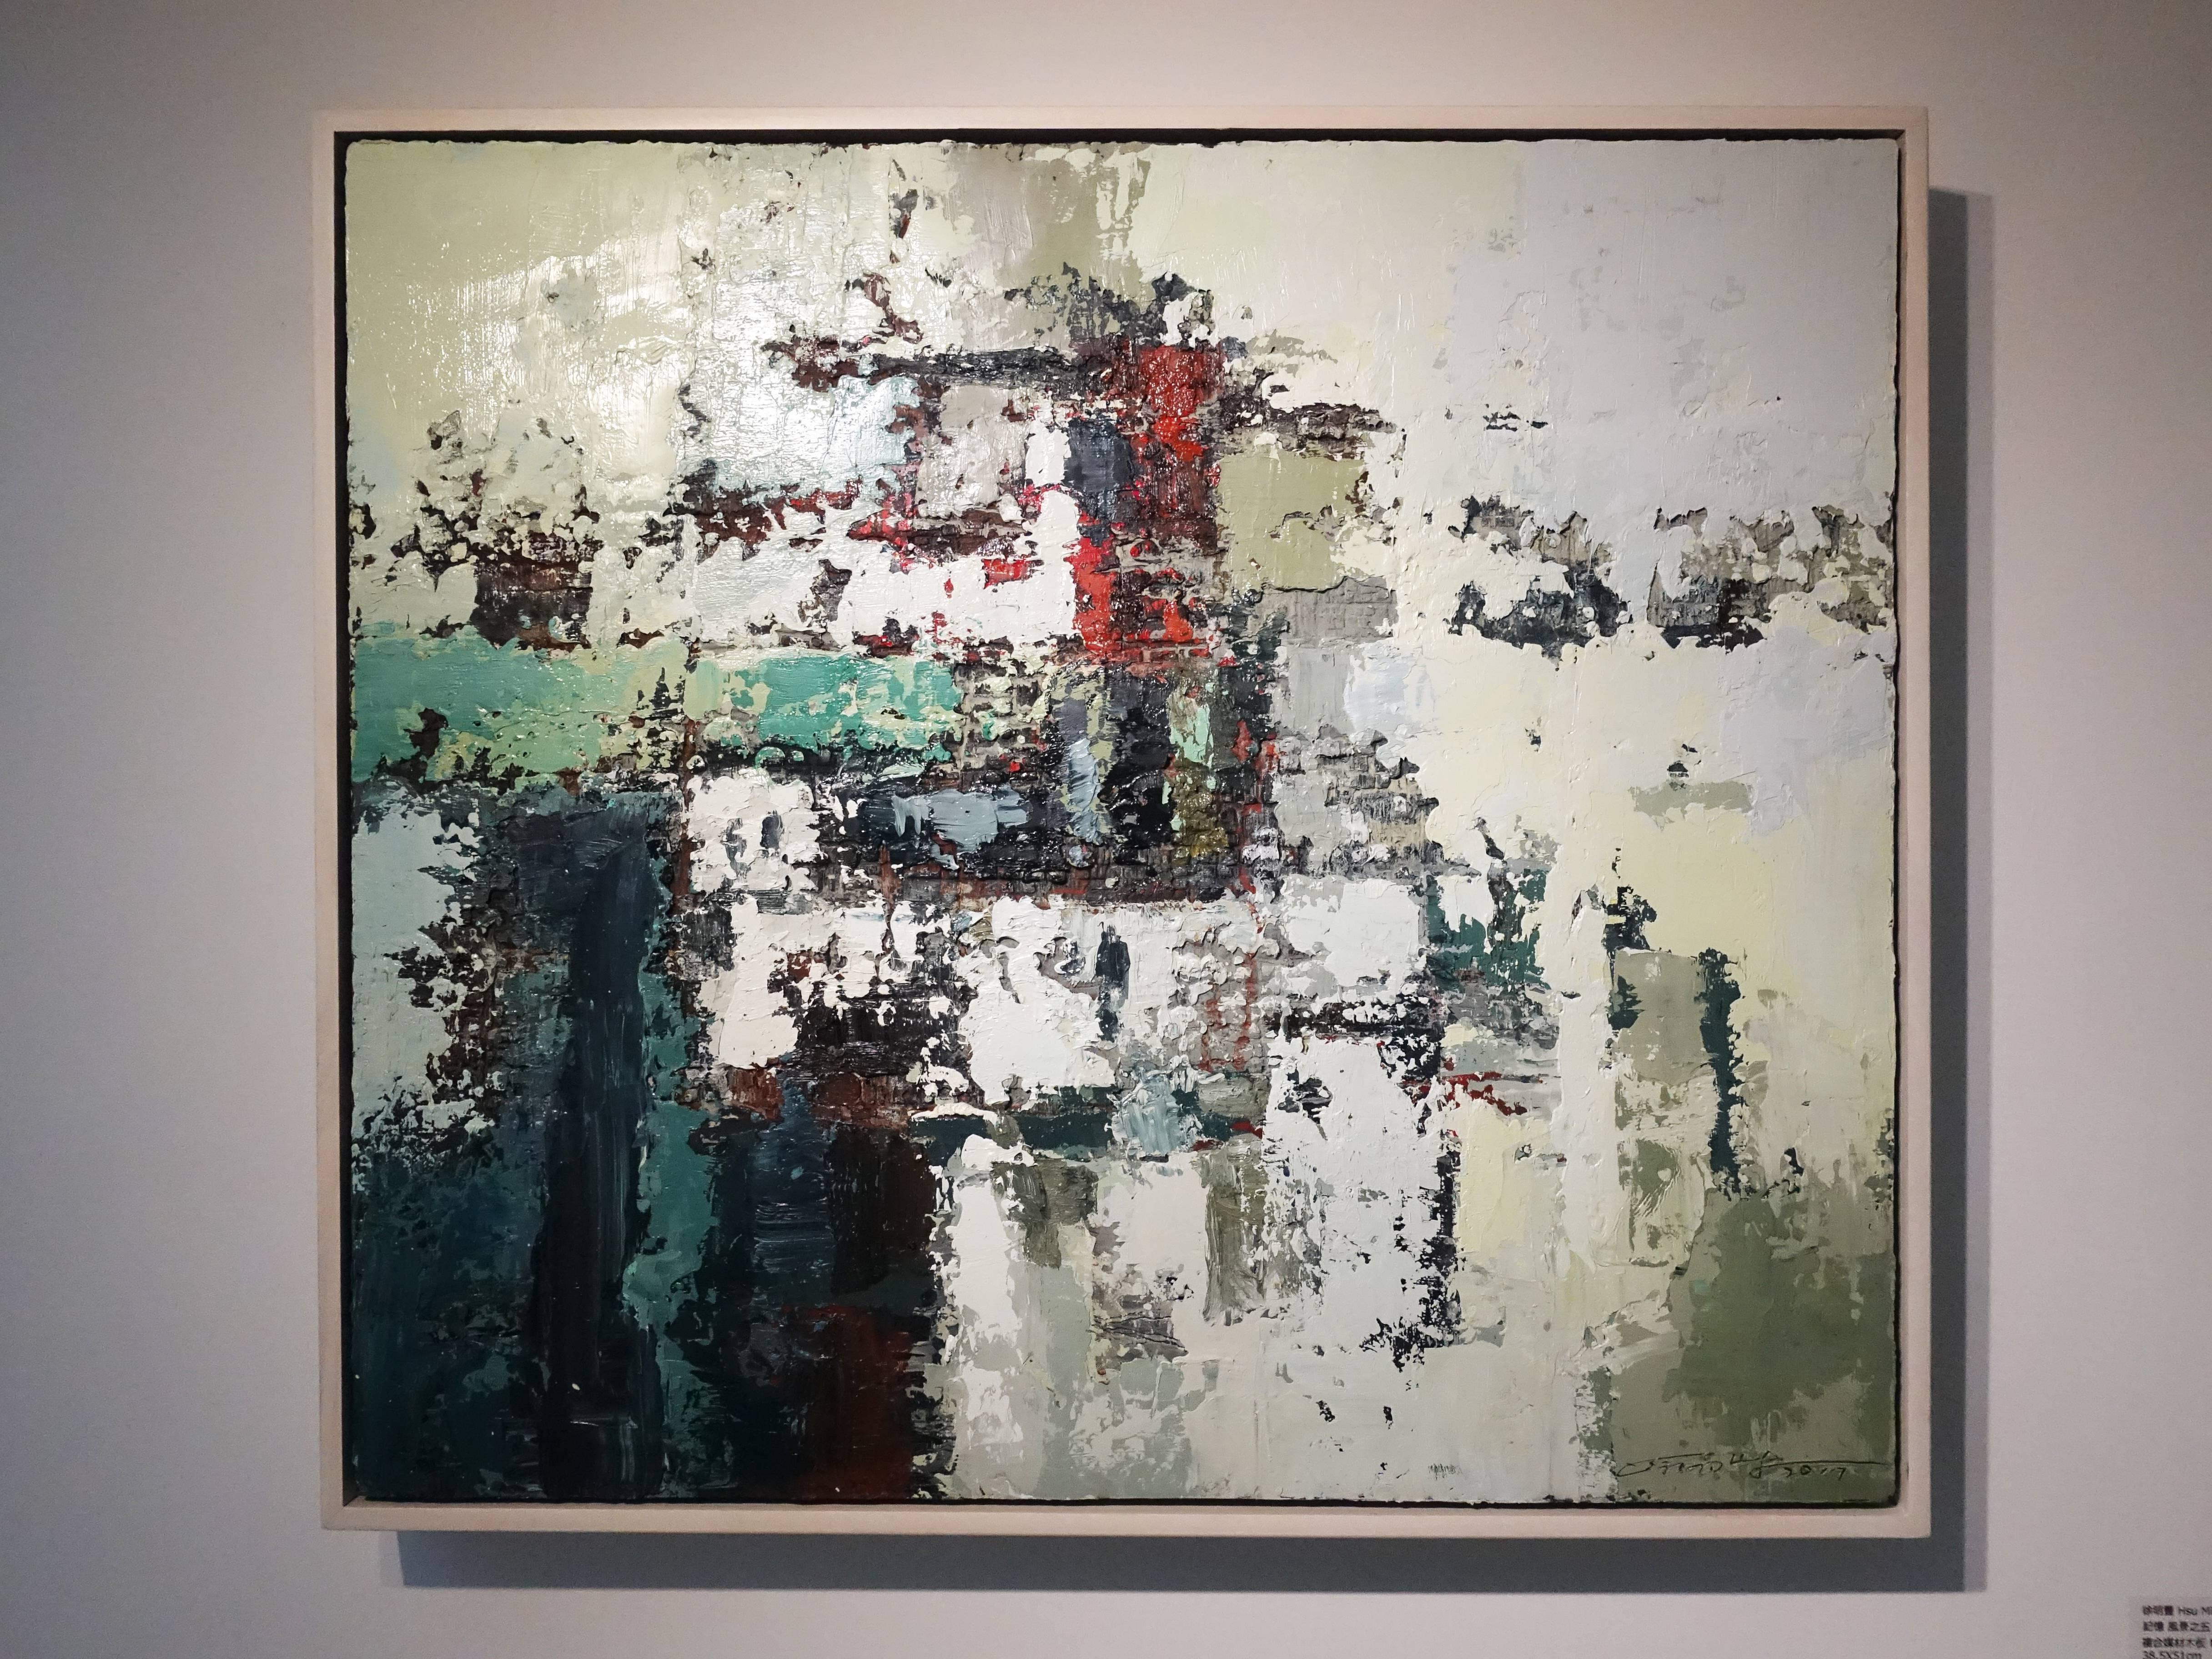 徐明豐,《記憶‧景像之五》,58 x 66 cm,複合媒材油畫,2017。